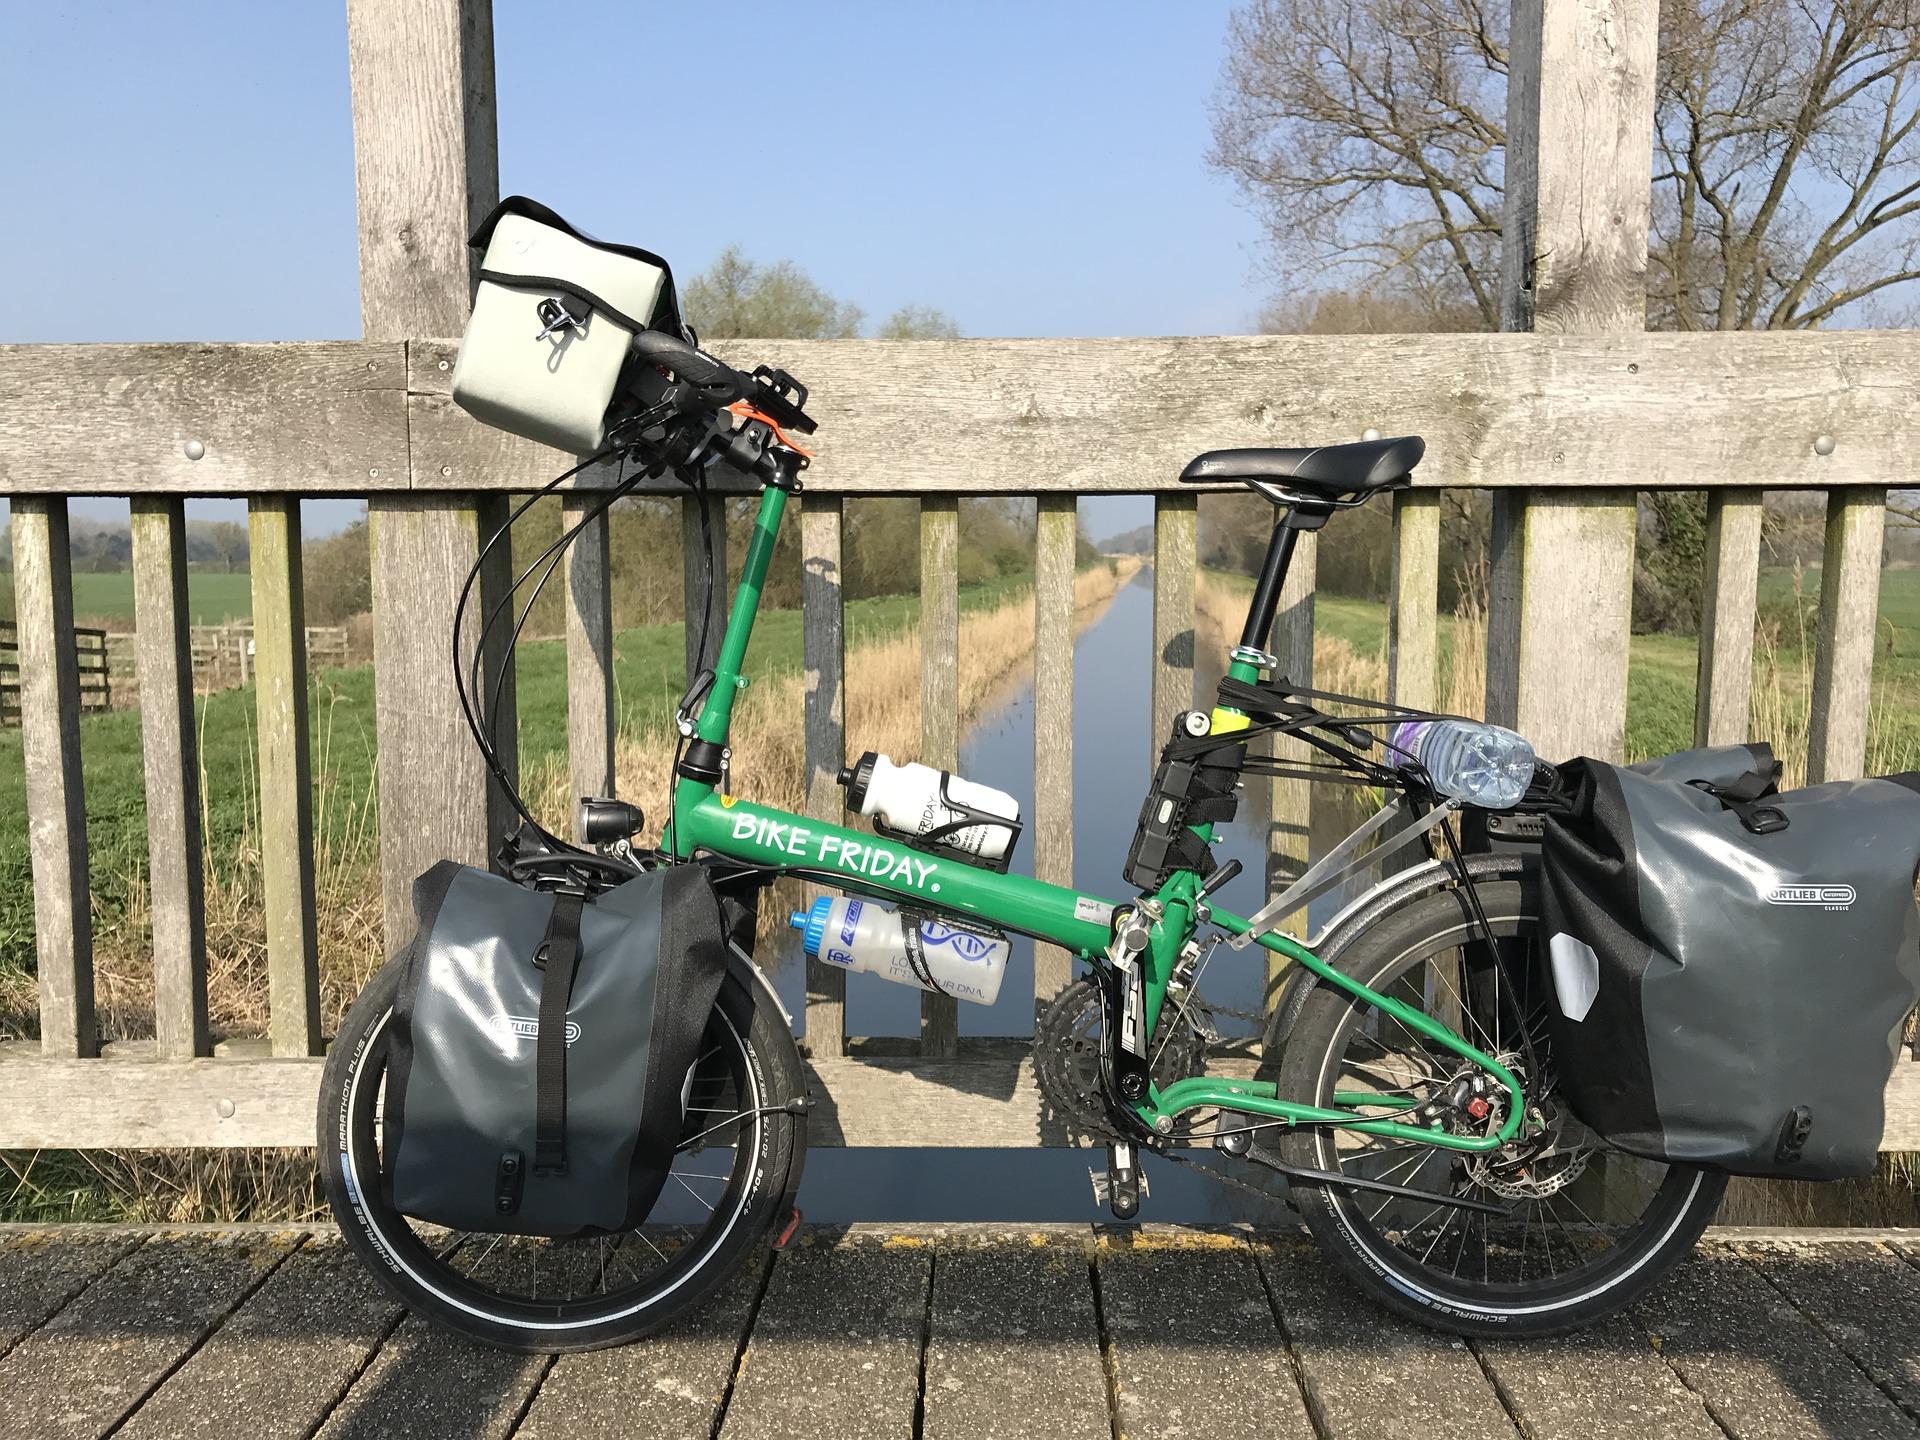 Welche Sind Die Richtigen Taschen Für Mein Fahrrad Dein Klappradde